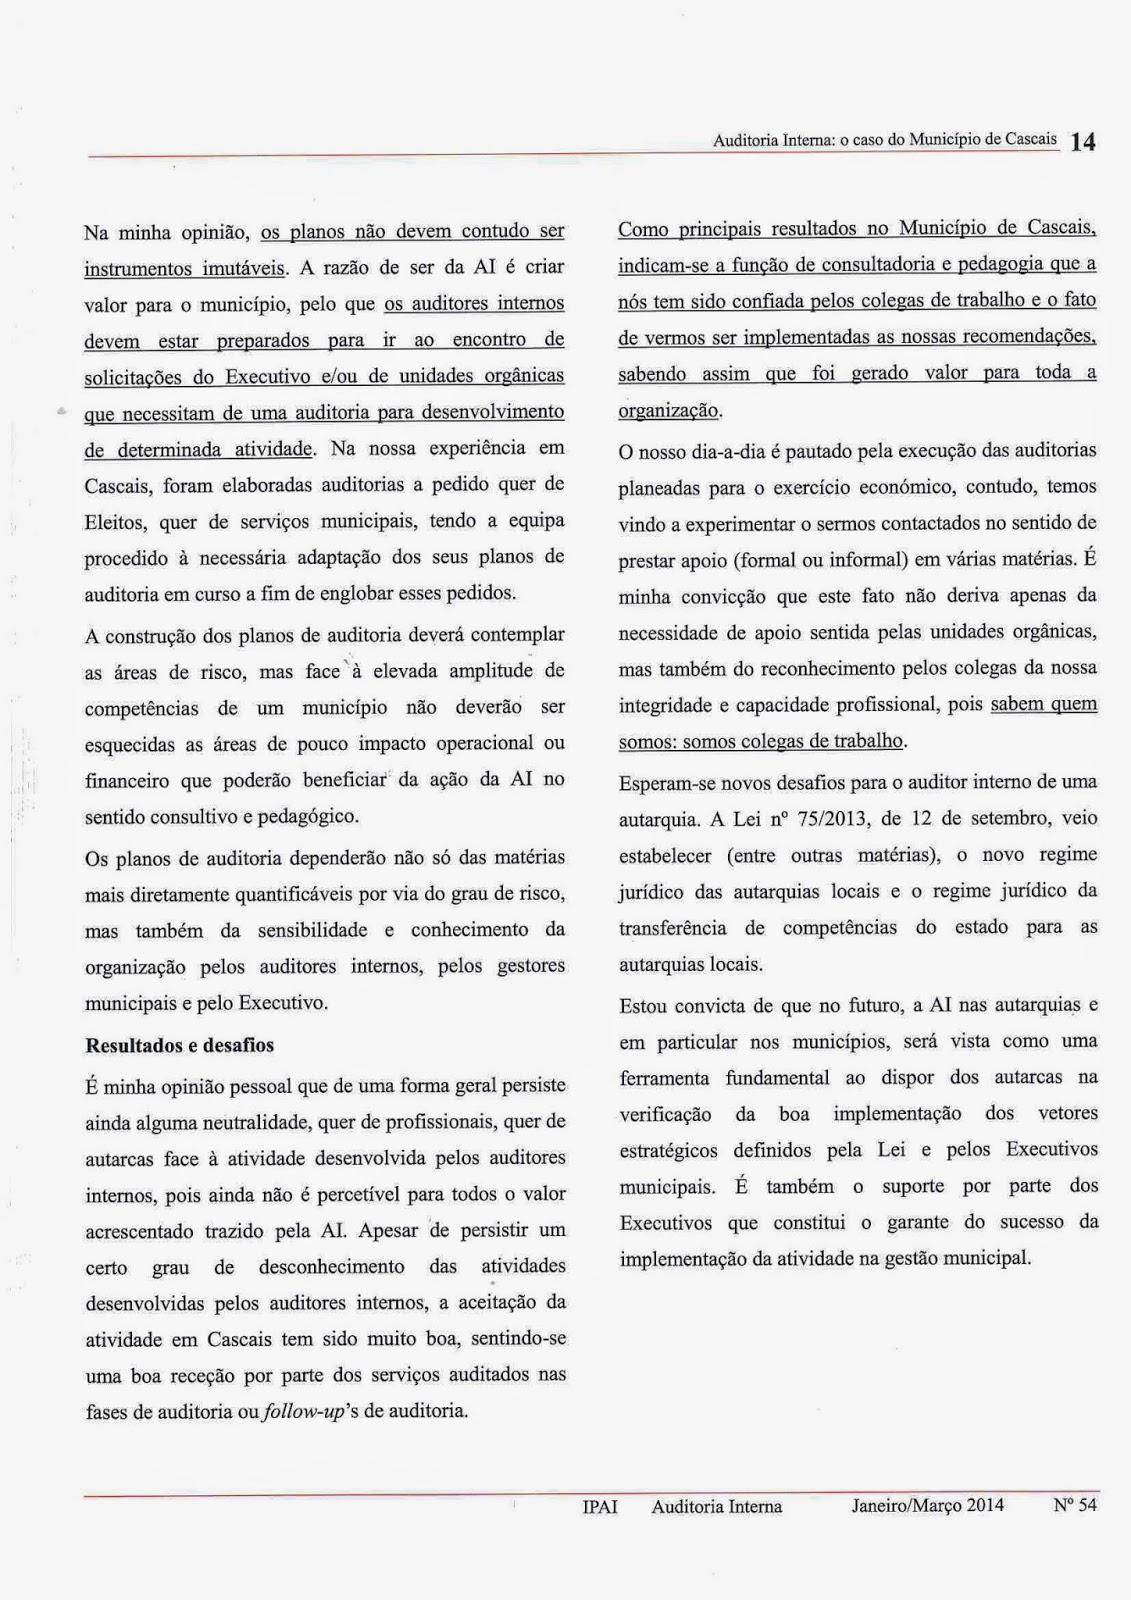 Artigo auditoria interna